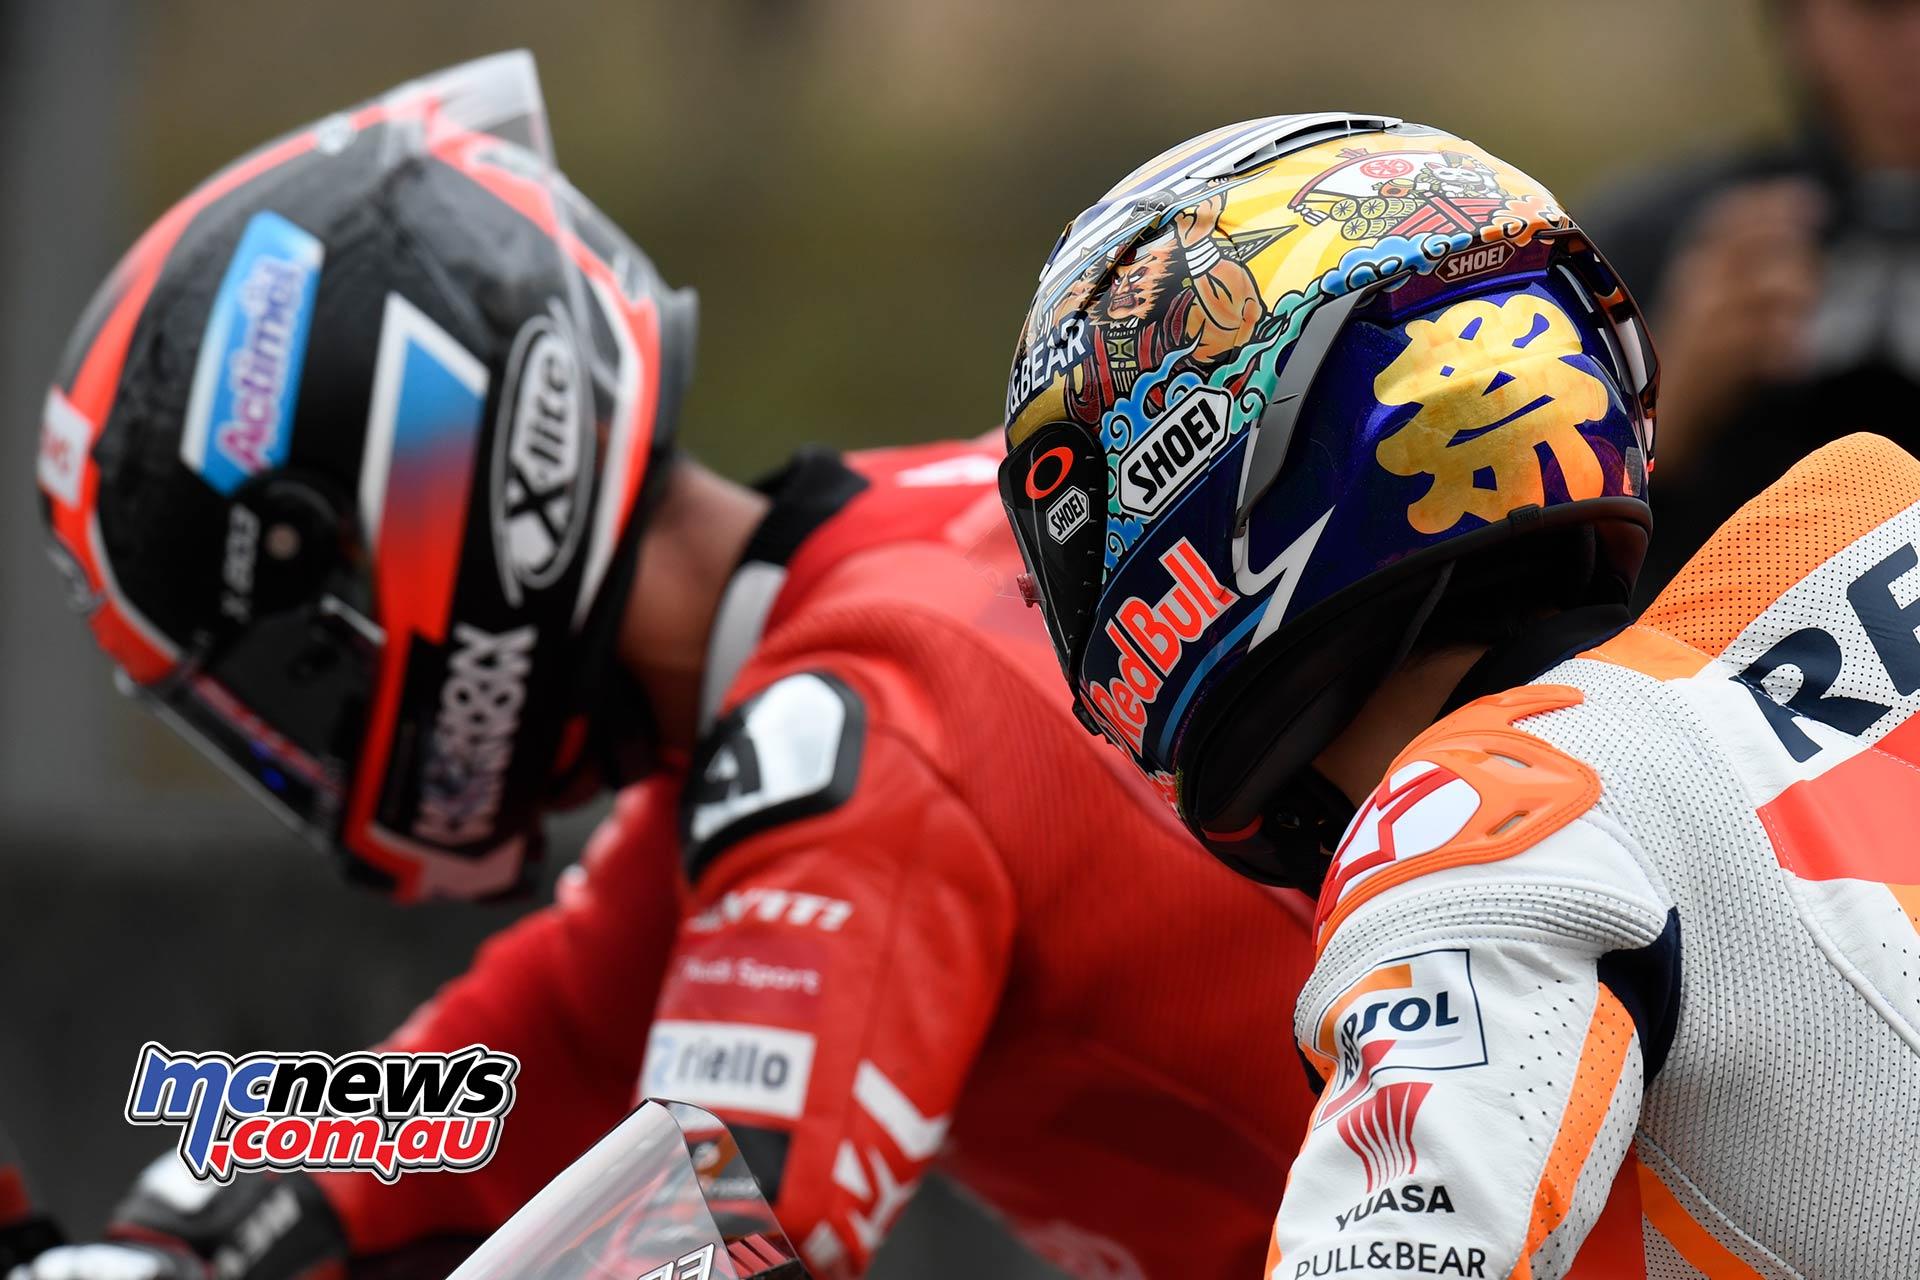 MotoGP Motegi FP Marquez Shoei